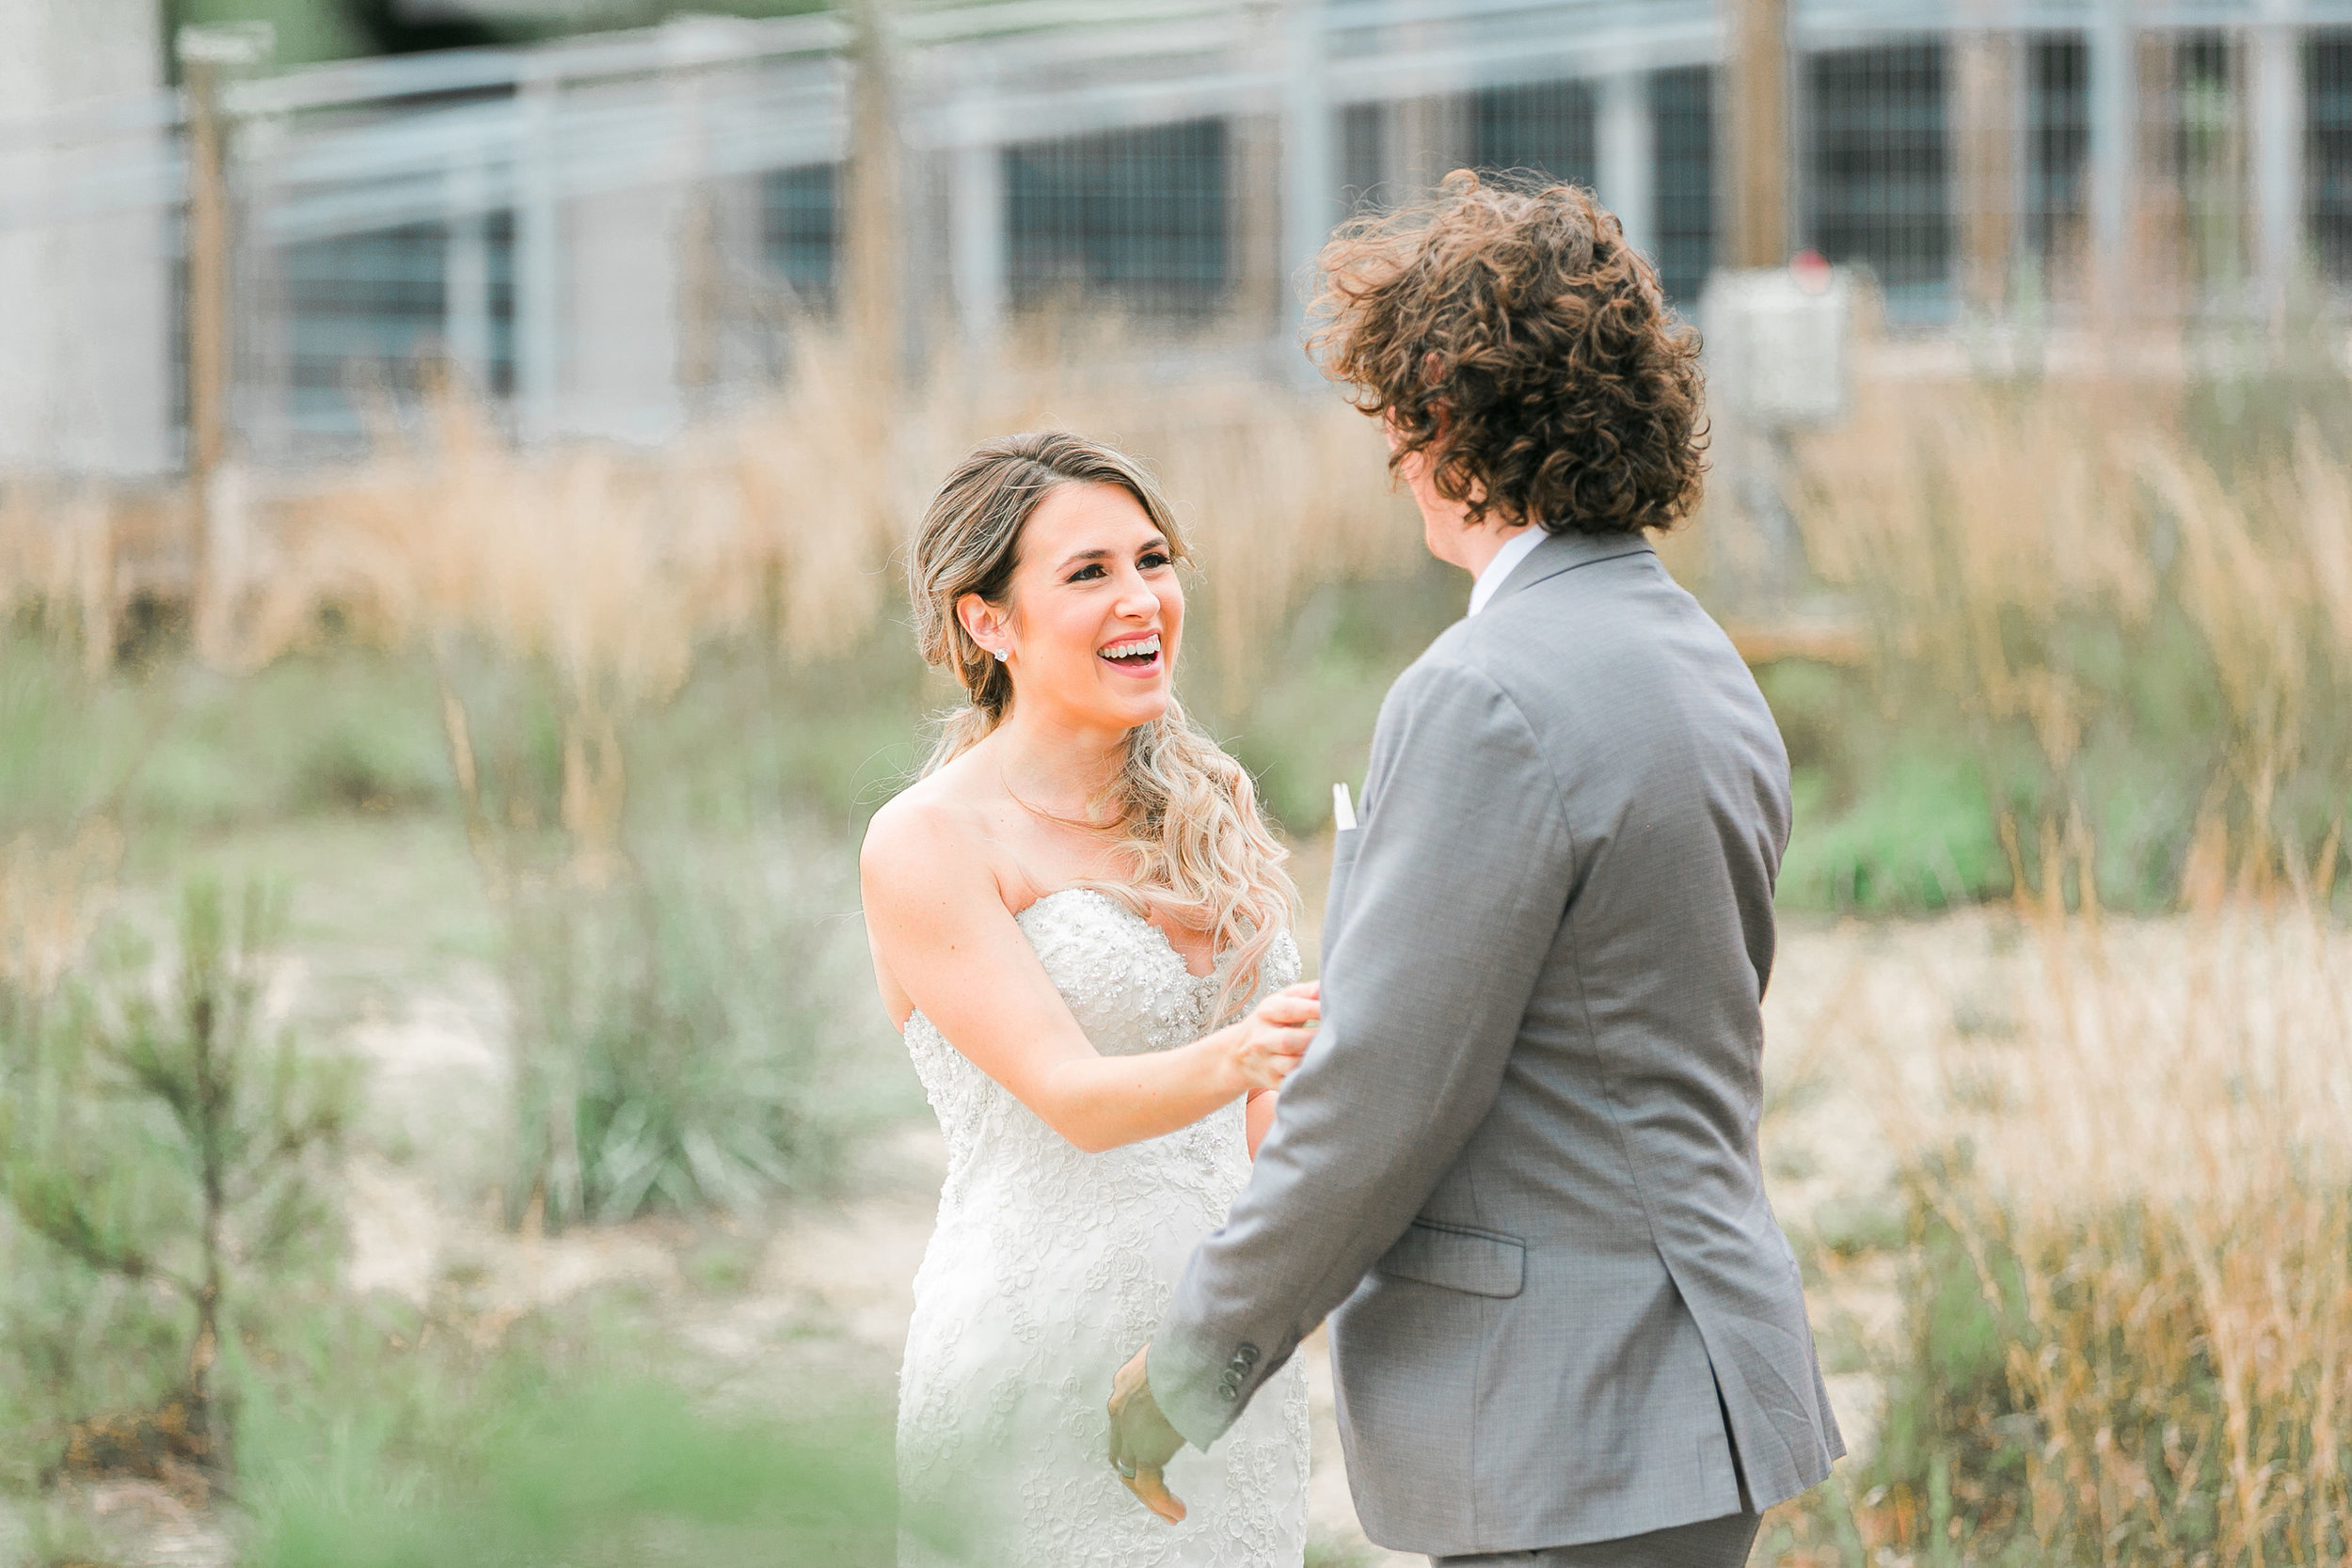 Nicole&Bryce_FirstLook-10.jpg